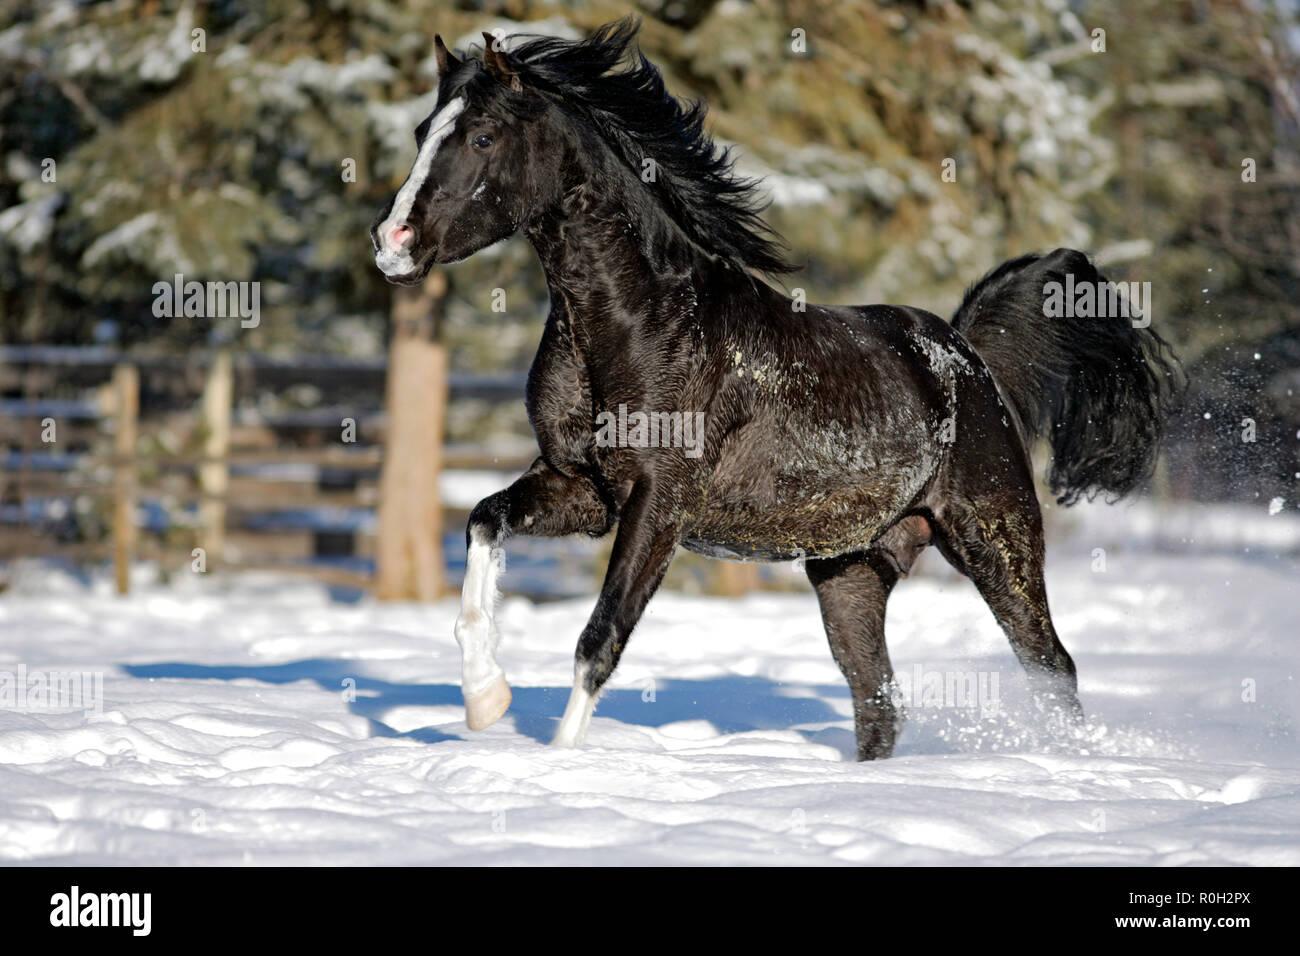 Black Arabian Stallion in winter, running on snow pasture. - Stock Image